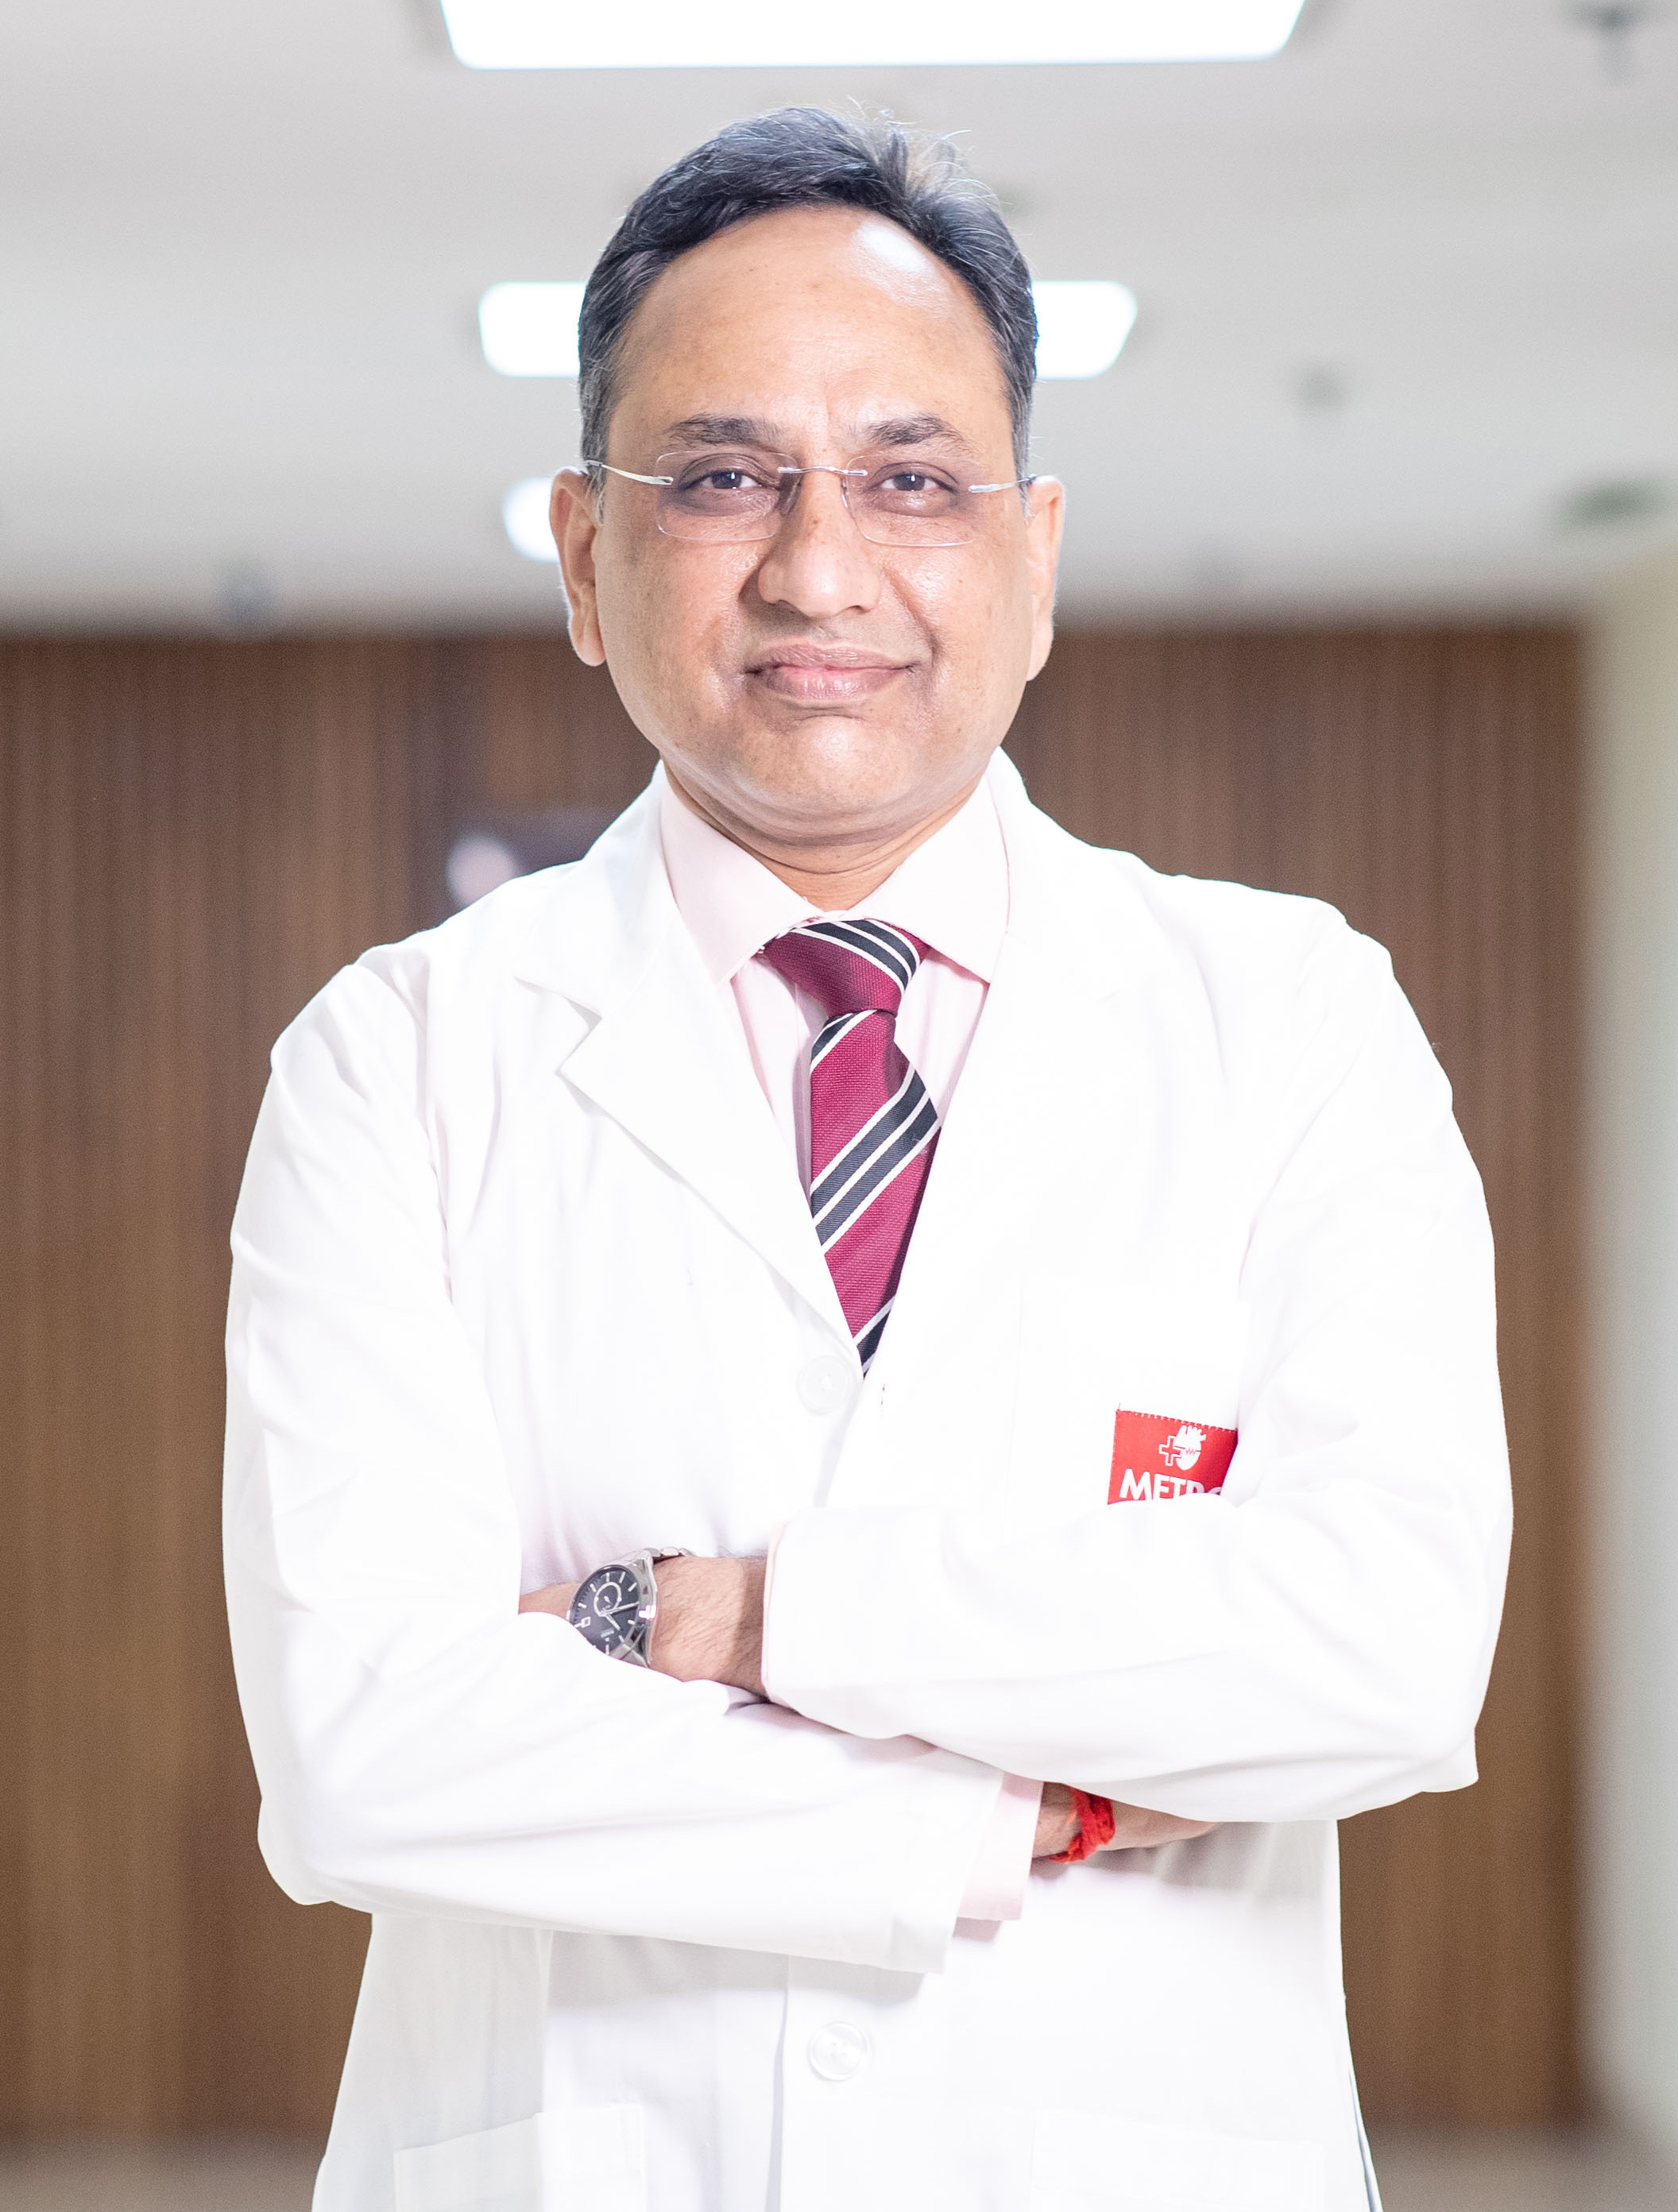 फरीदाबाद। हृदय रोग विशेषज्ञ  डॉ. नीरज जैन ने कहा कि हार्ट को काम करने के लिए ऑक्सीजन की जरूरत पड़ती है। - Dainik Bhaskar